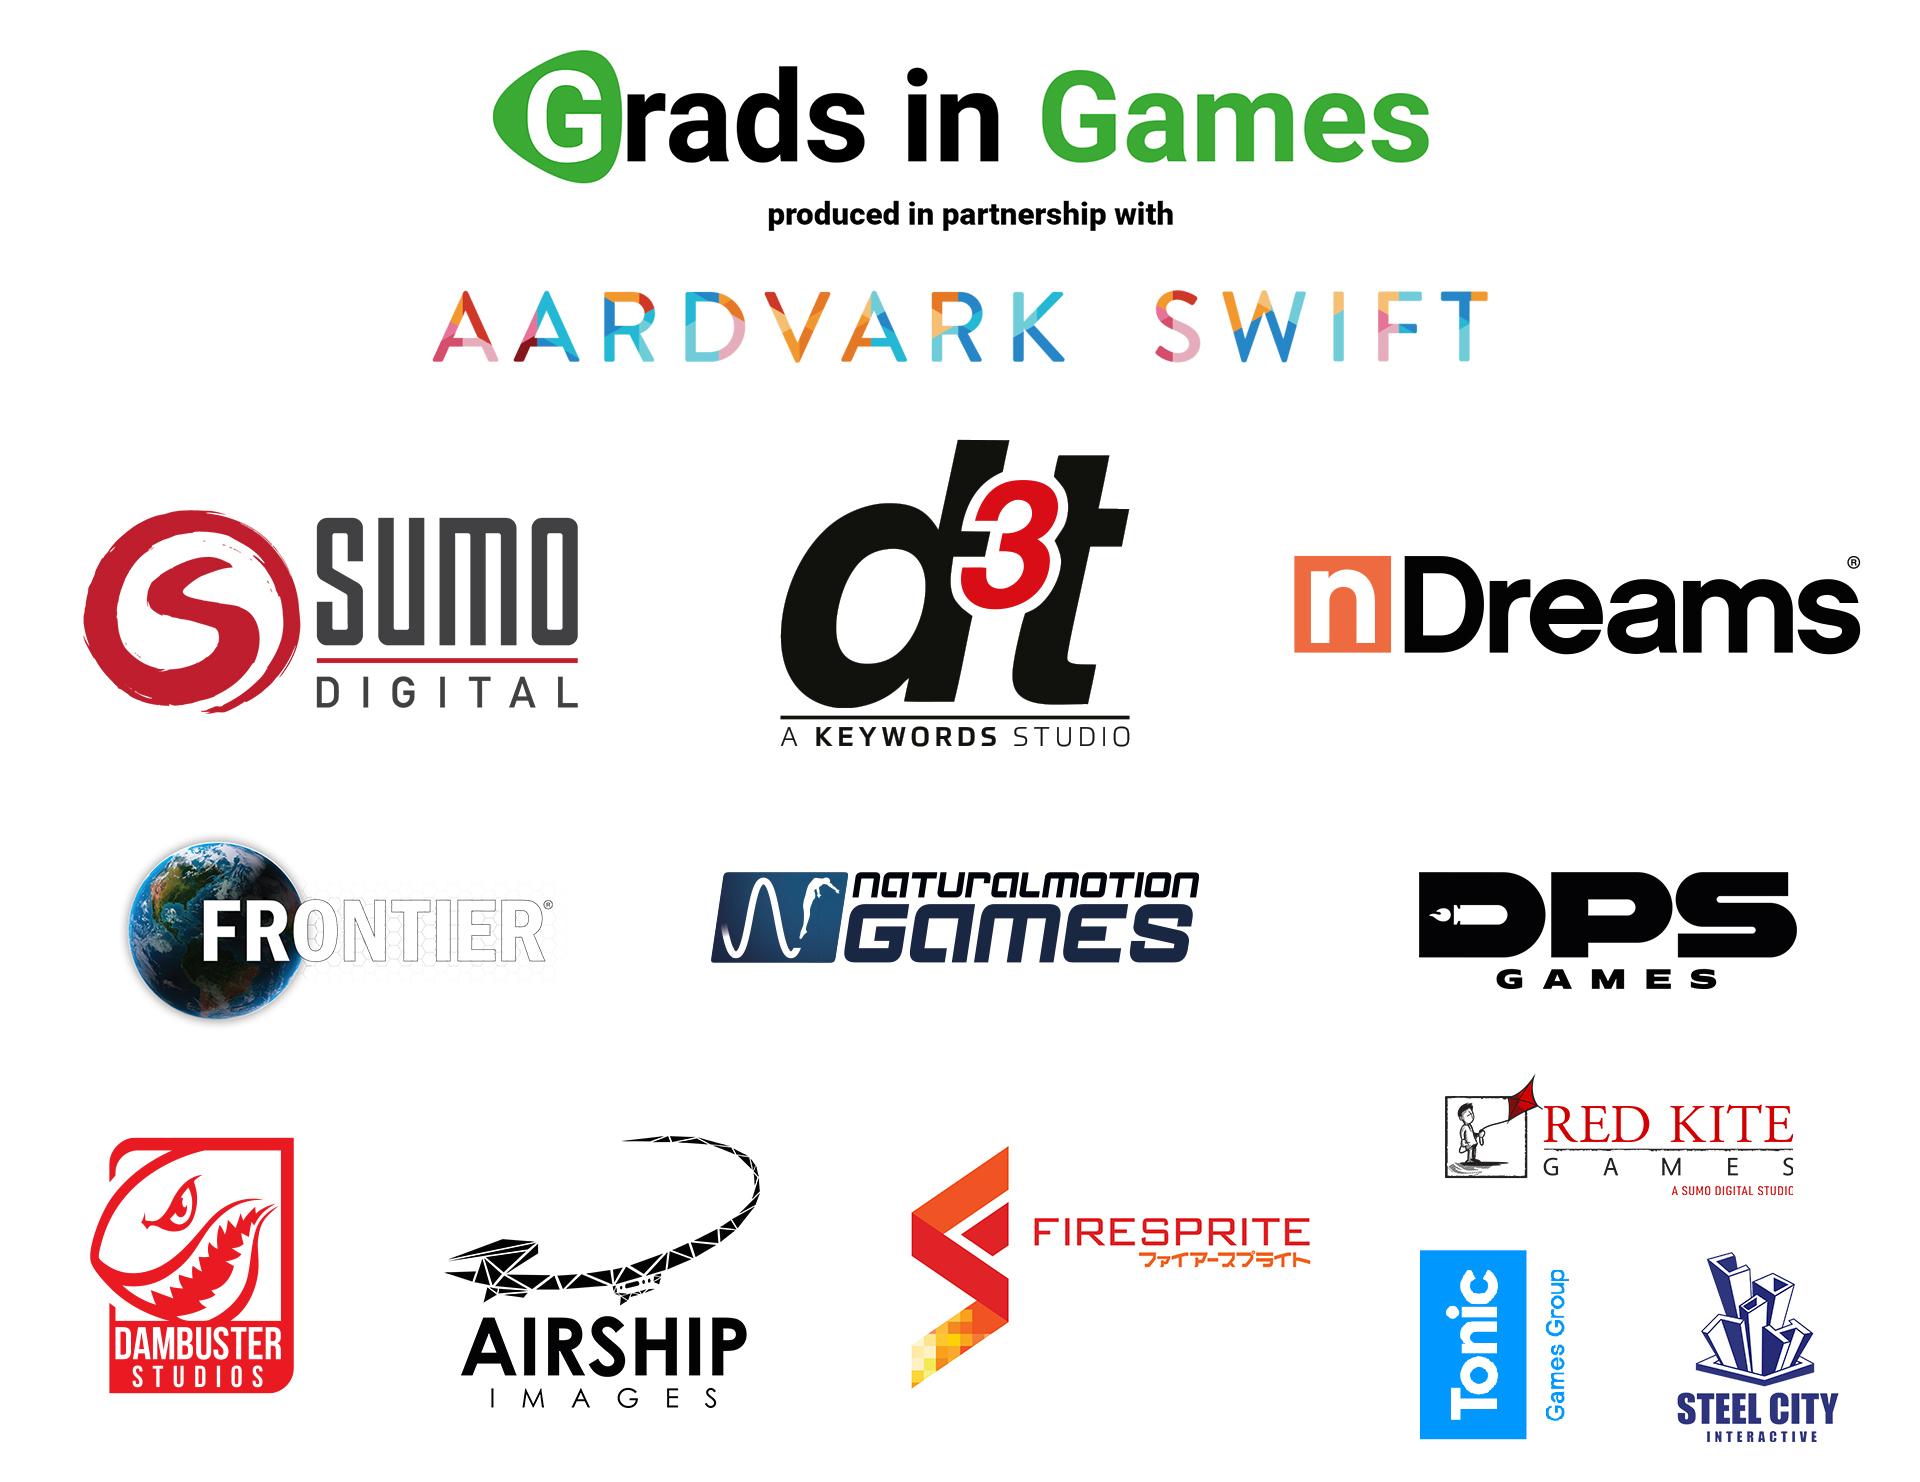 Grads In Games Partners 2018/19